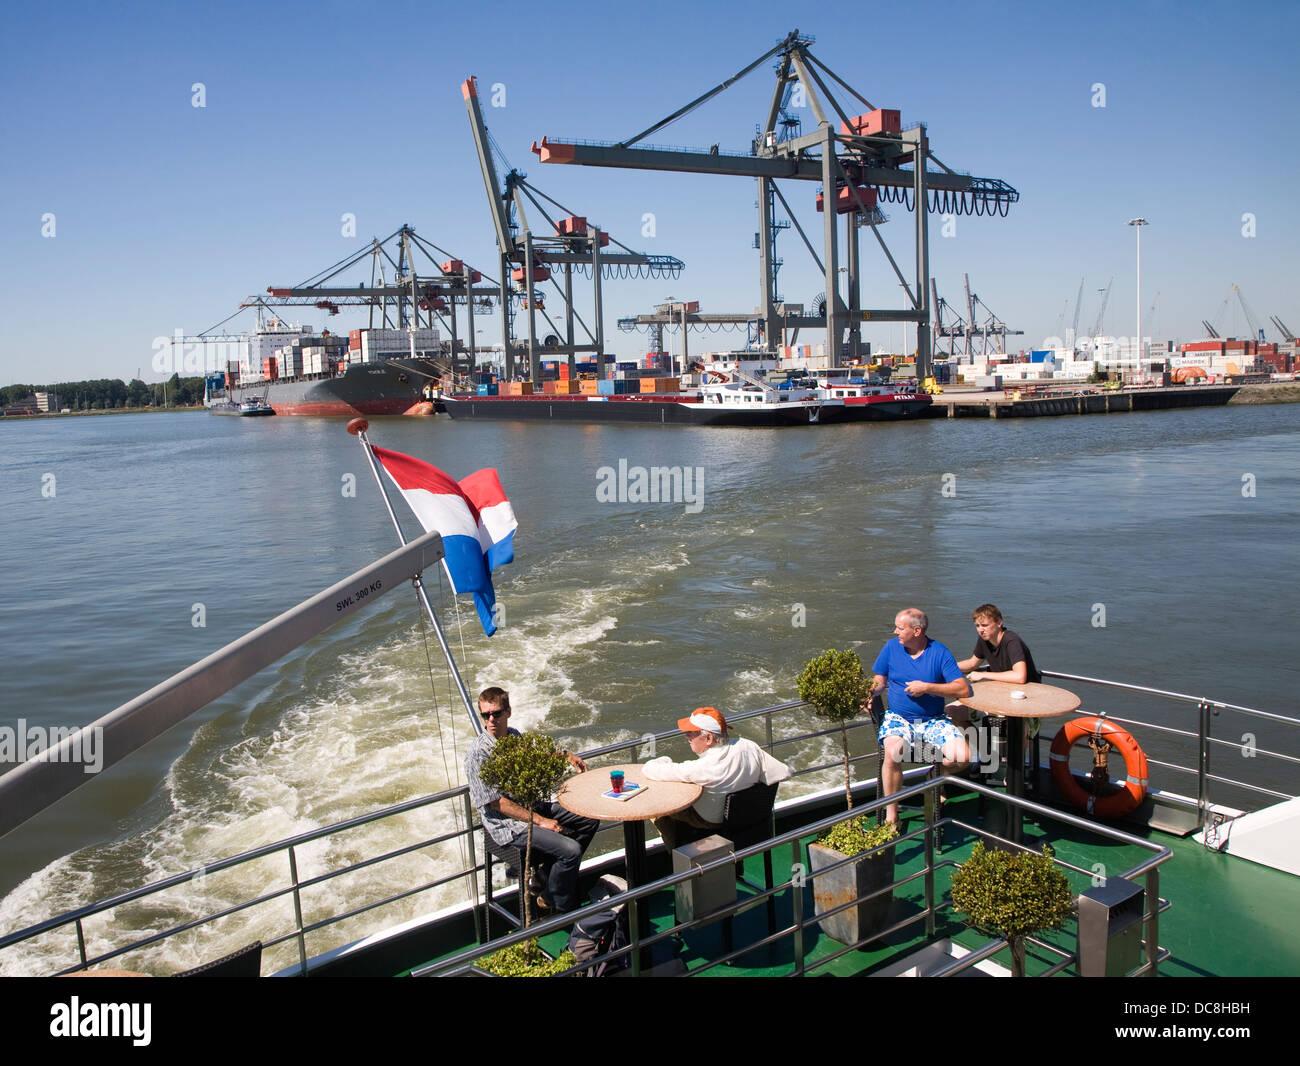 Gente disfrutando de Spido viaje en barco por el puerto de Rotterdam, Países Bajos Imagen De Stock